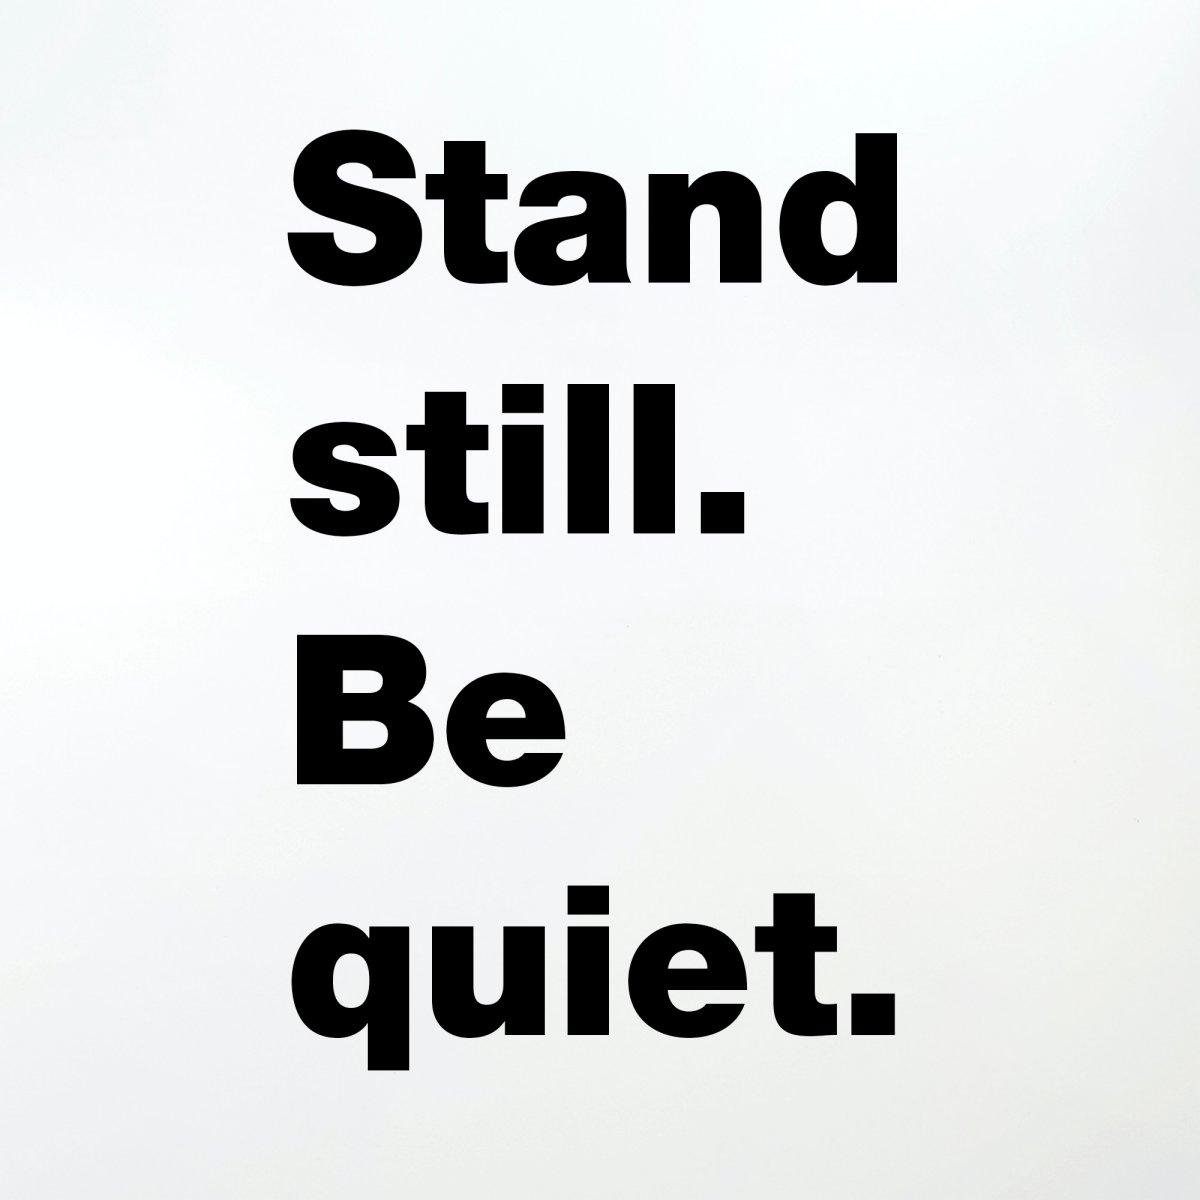 Stand still. Be quiet.